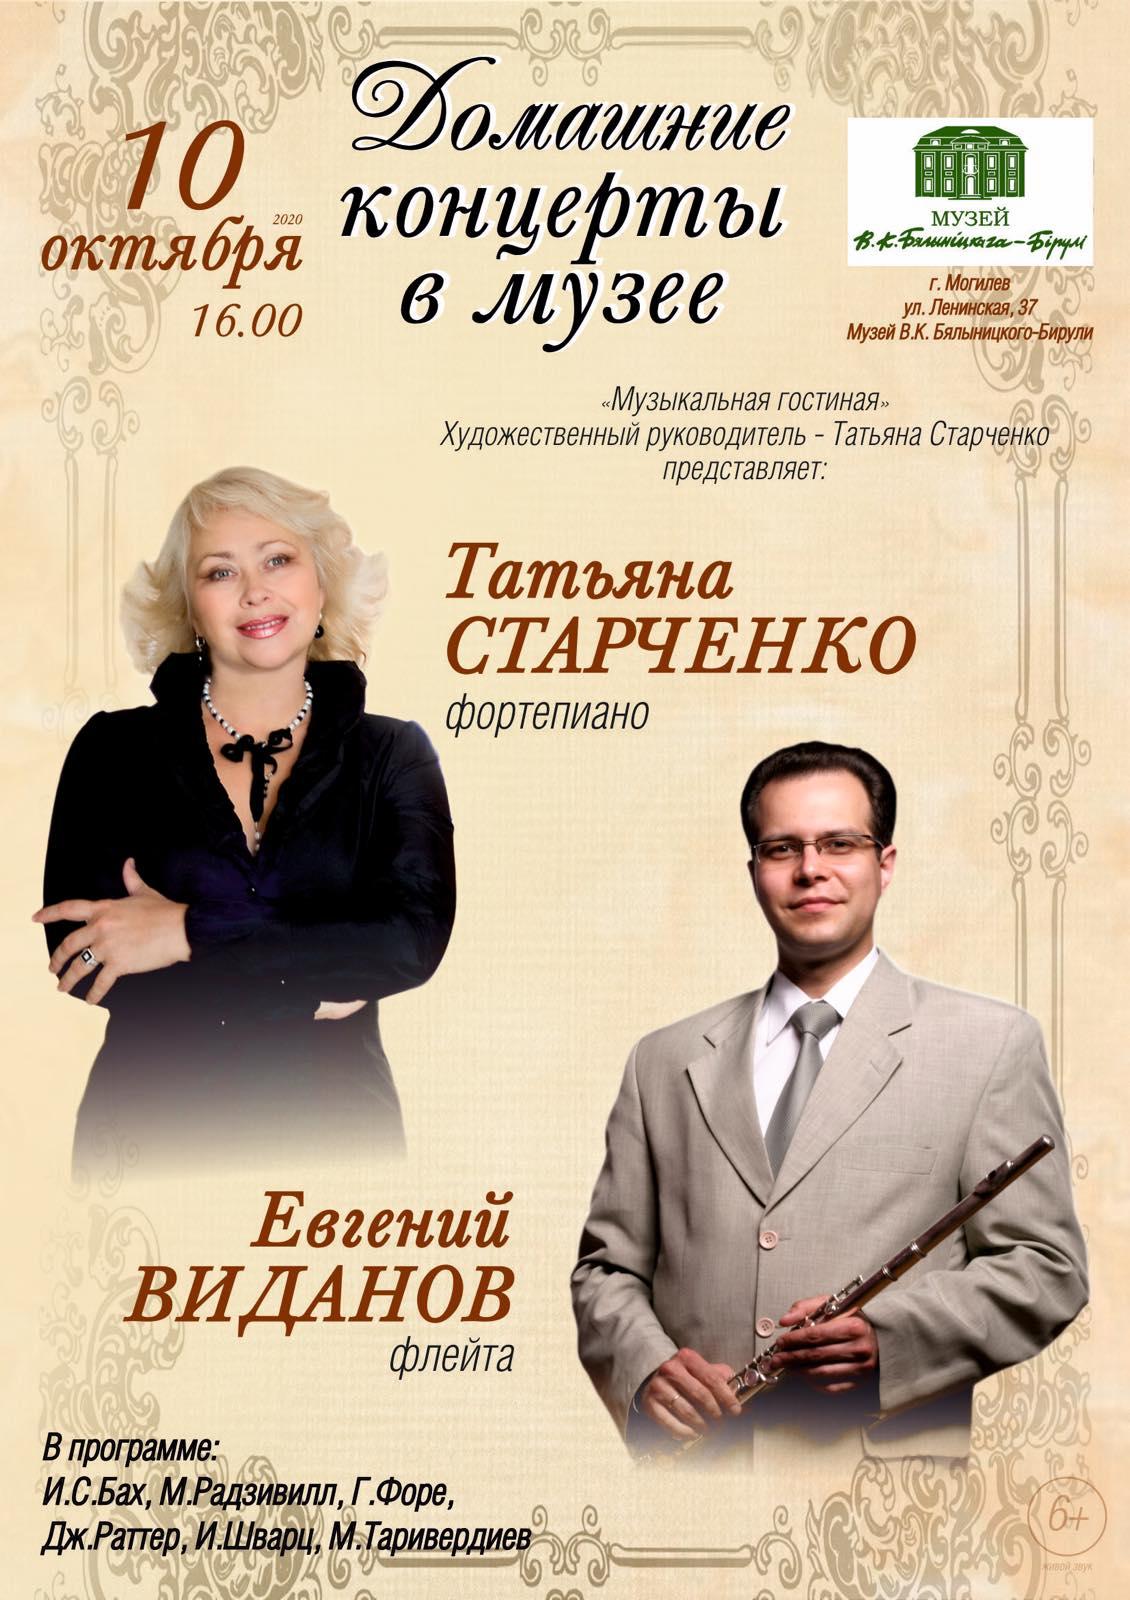 Могилевчан приглашают наконцерт классической музыки 10октября